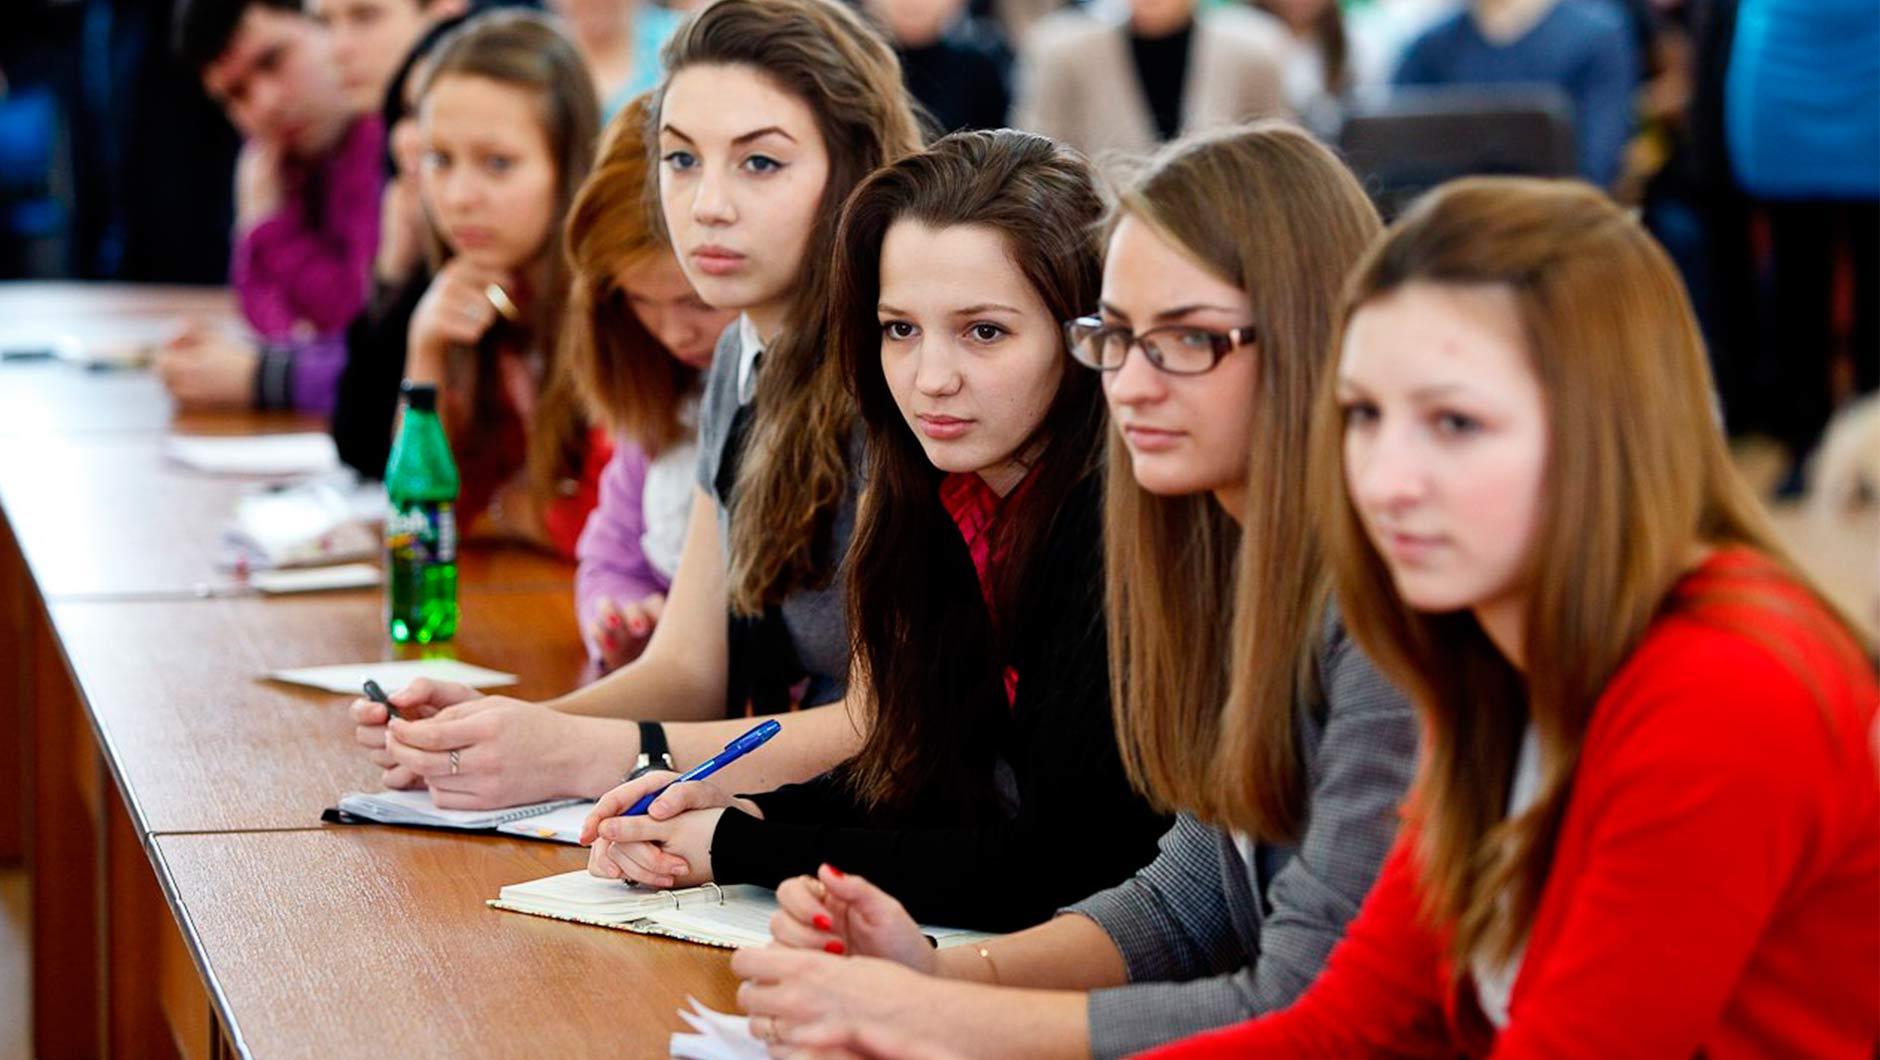 Если вы желаете поступить в одно из учебных заведений, ознакомьтесь с памяткой, составленной нашими специалистами: абитуриент вправе подать заявки в 5 вузов москвы и выбрать в каждом не более 3 специальностей.